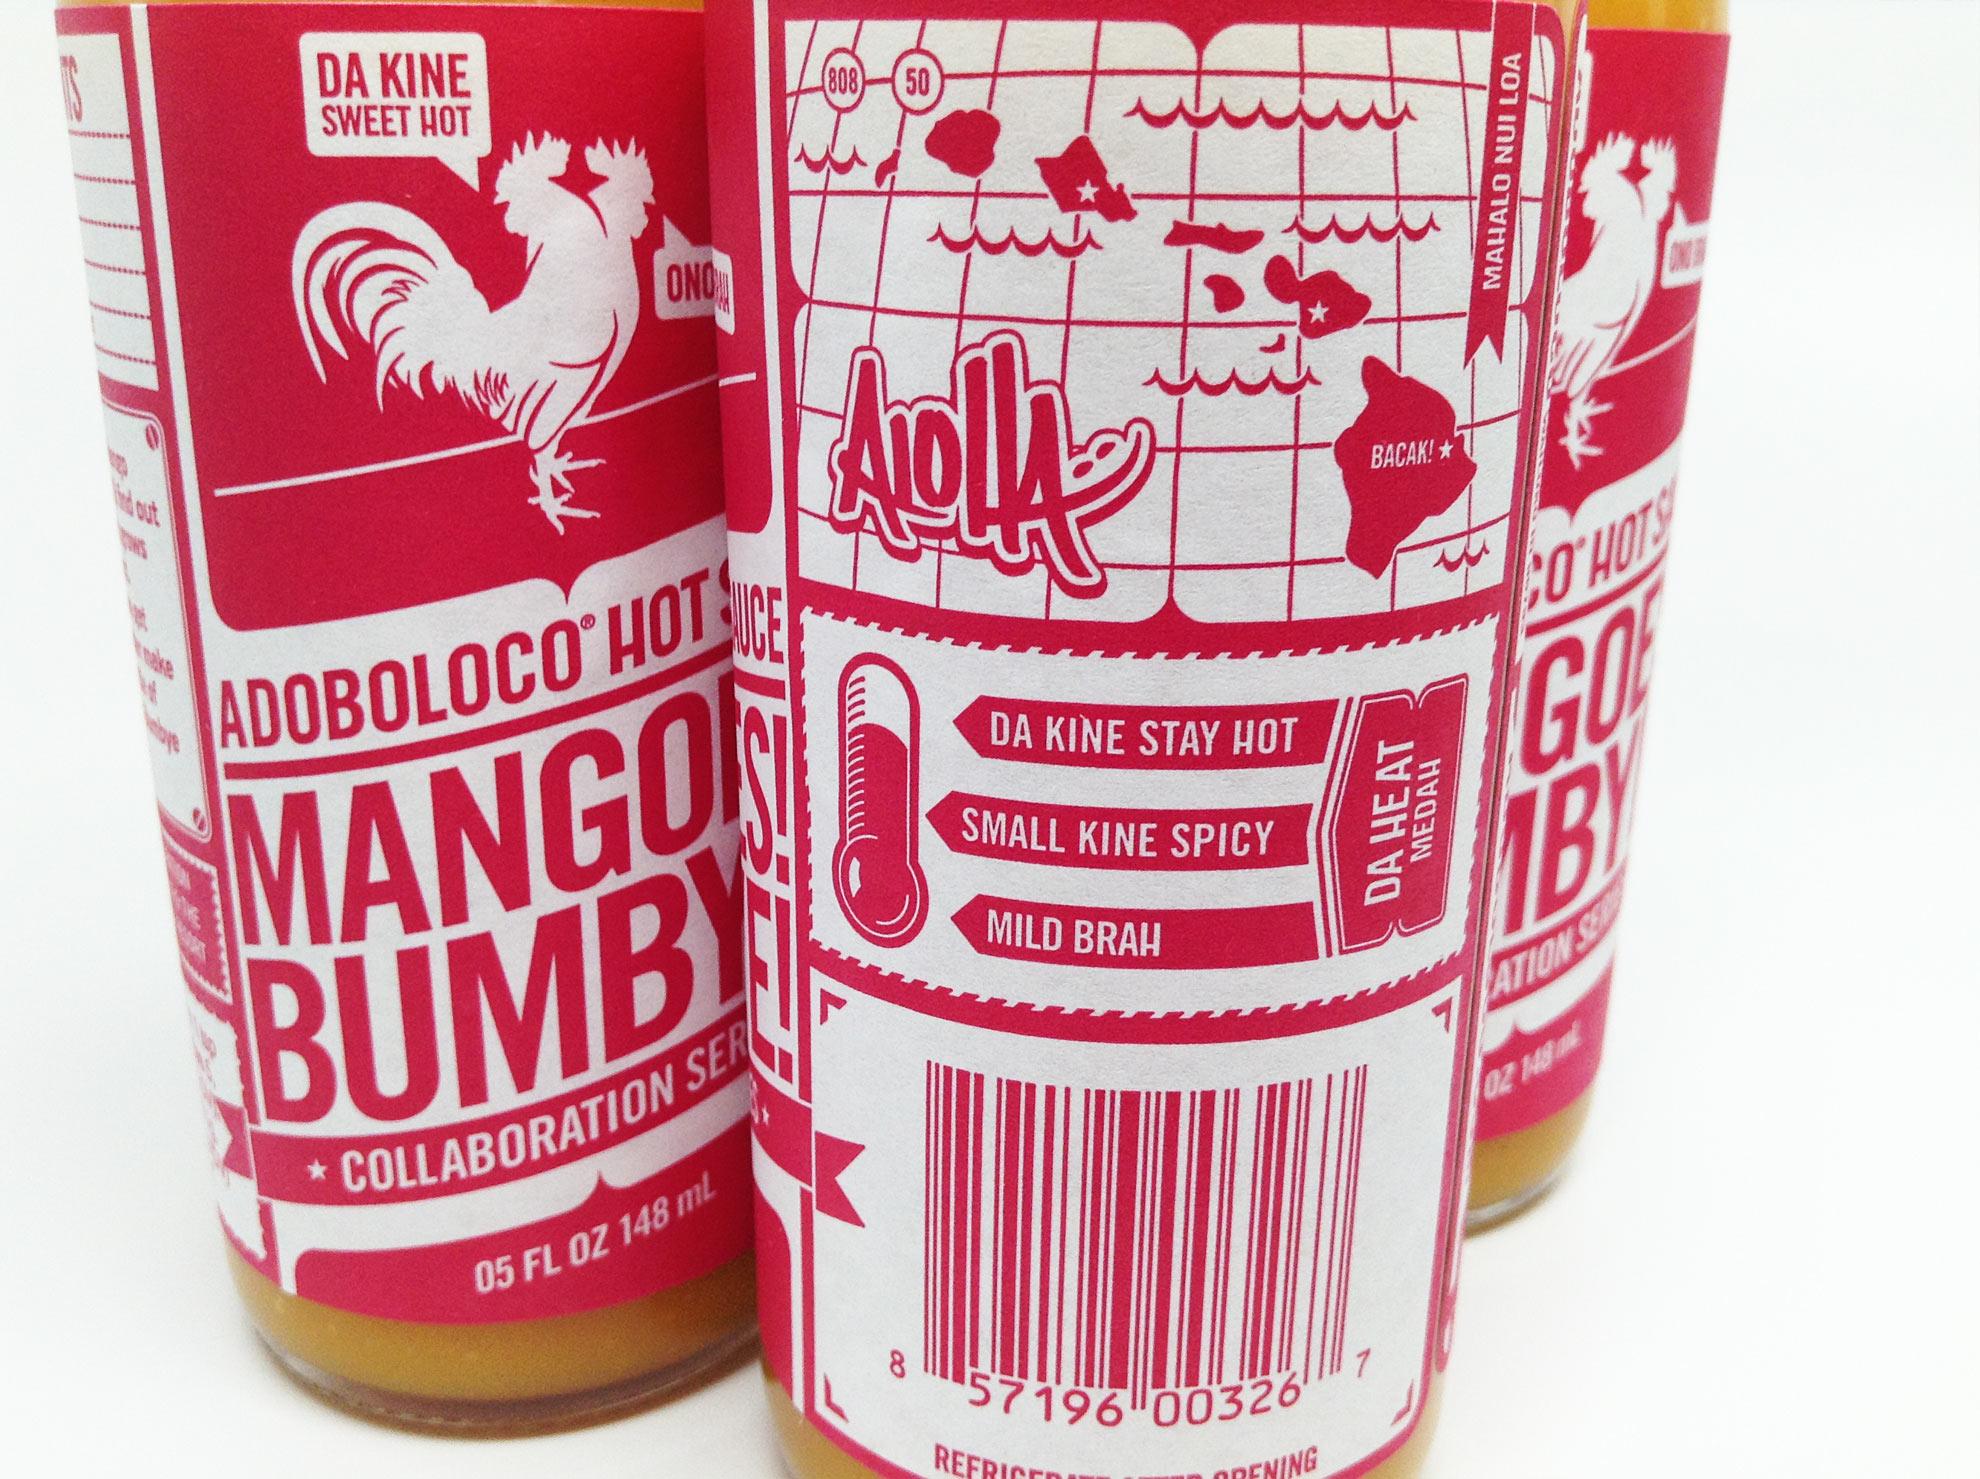 Adoboloco hot sauce